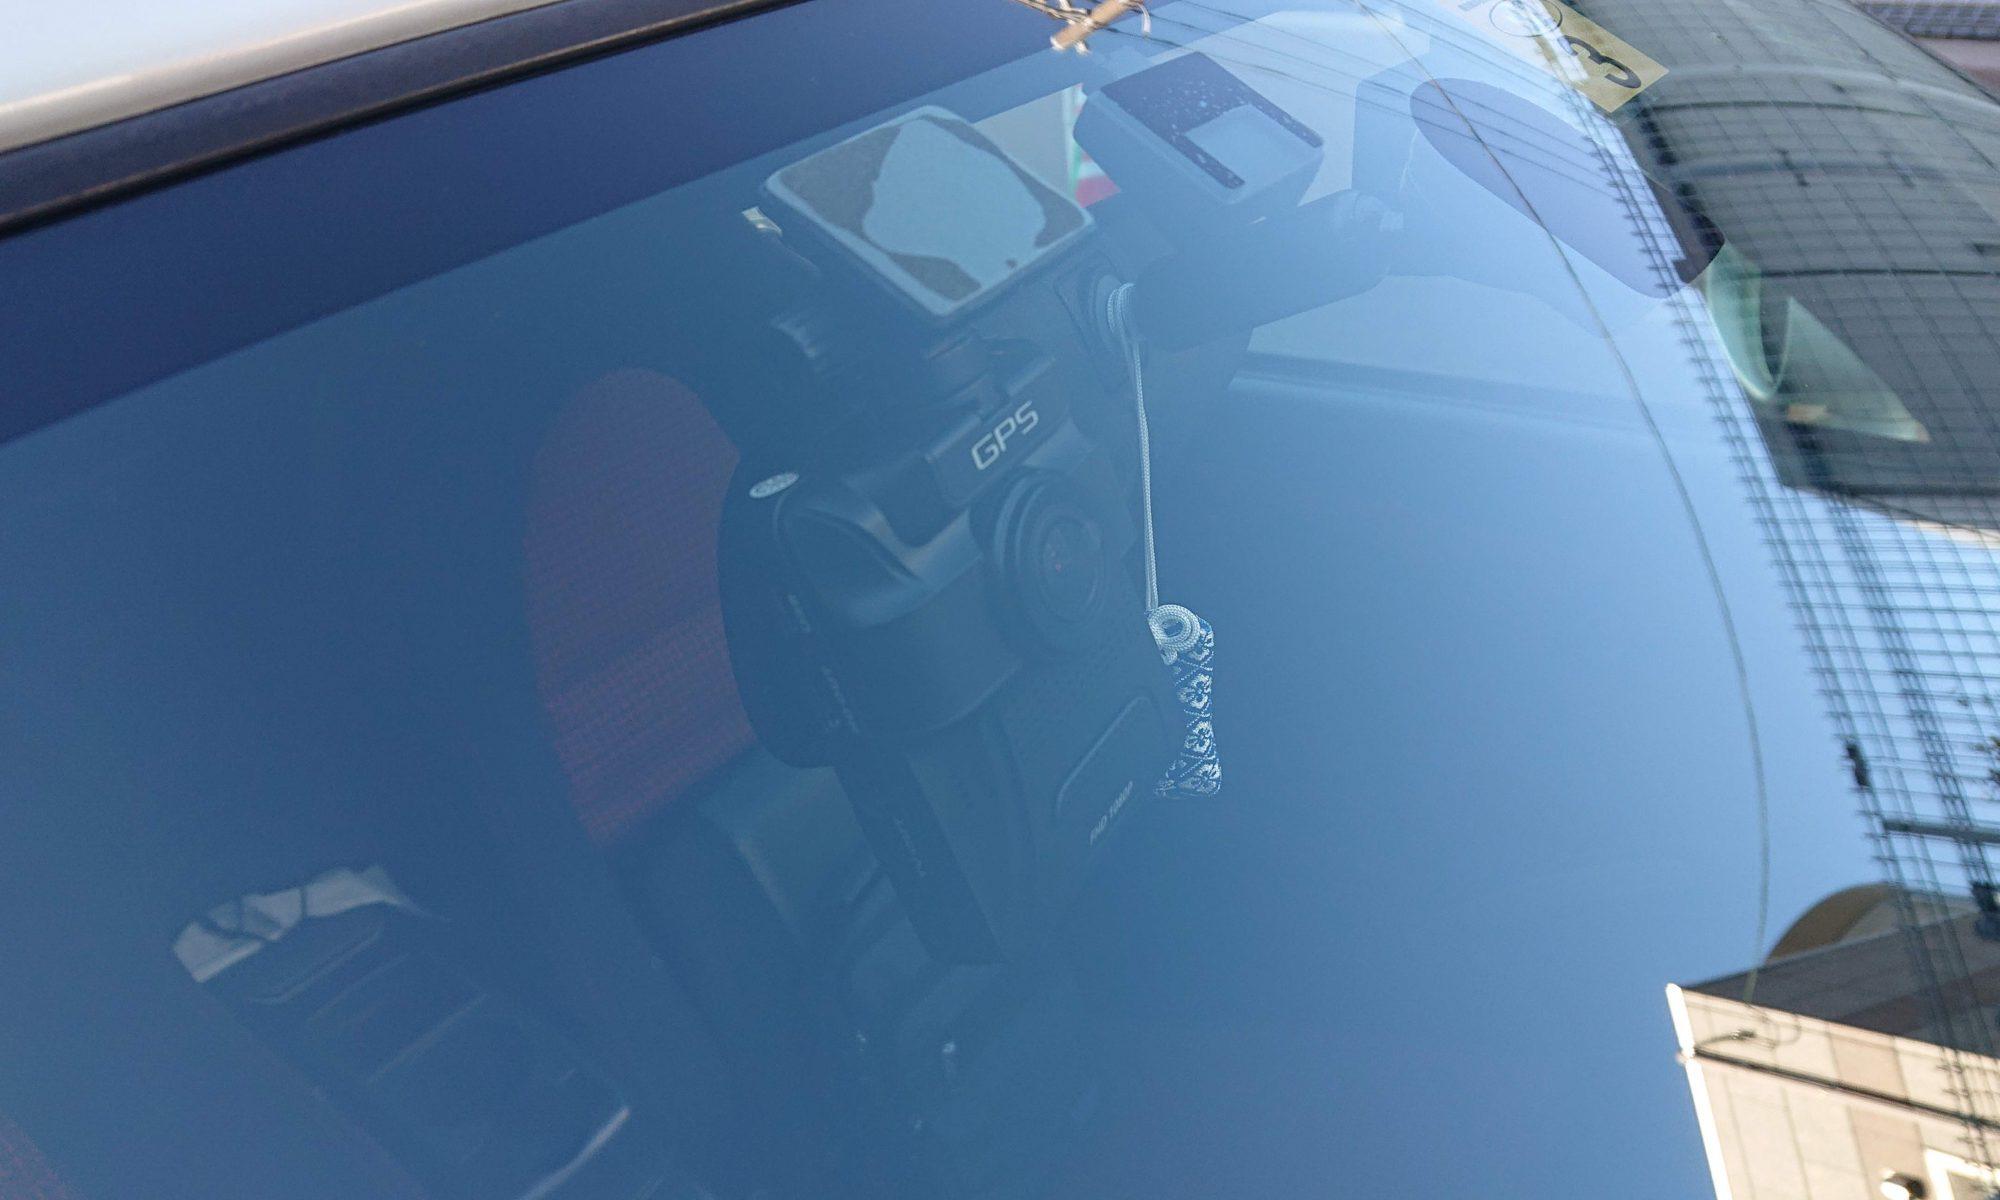 外から見たドライブレコーダー